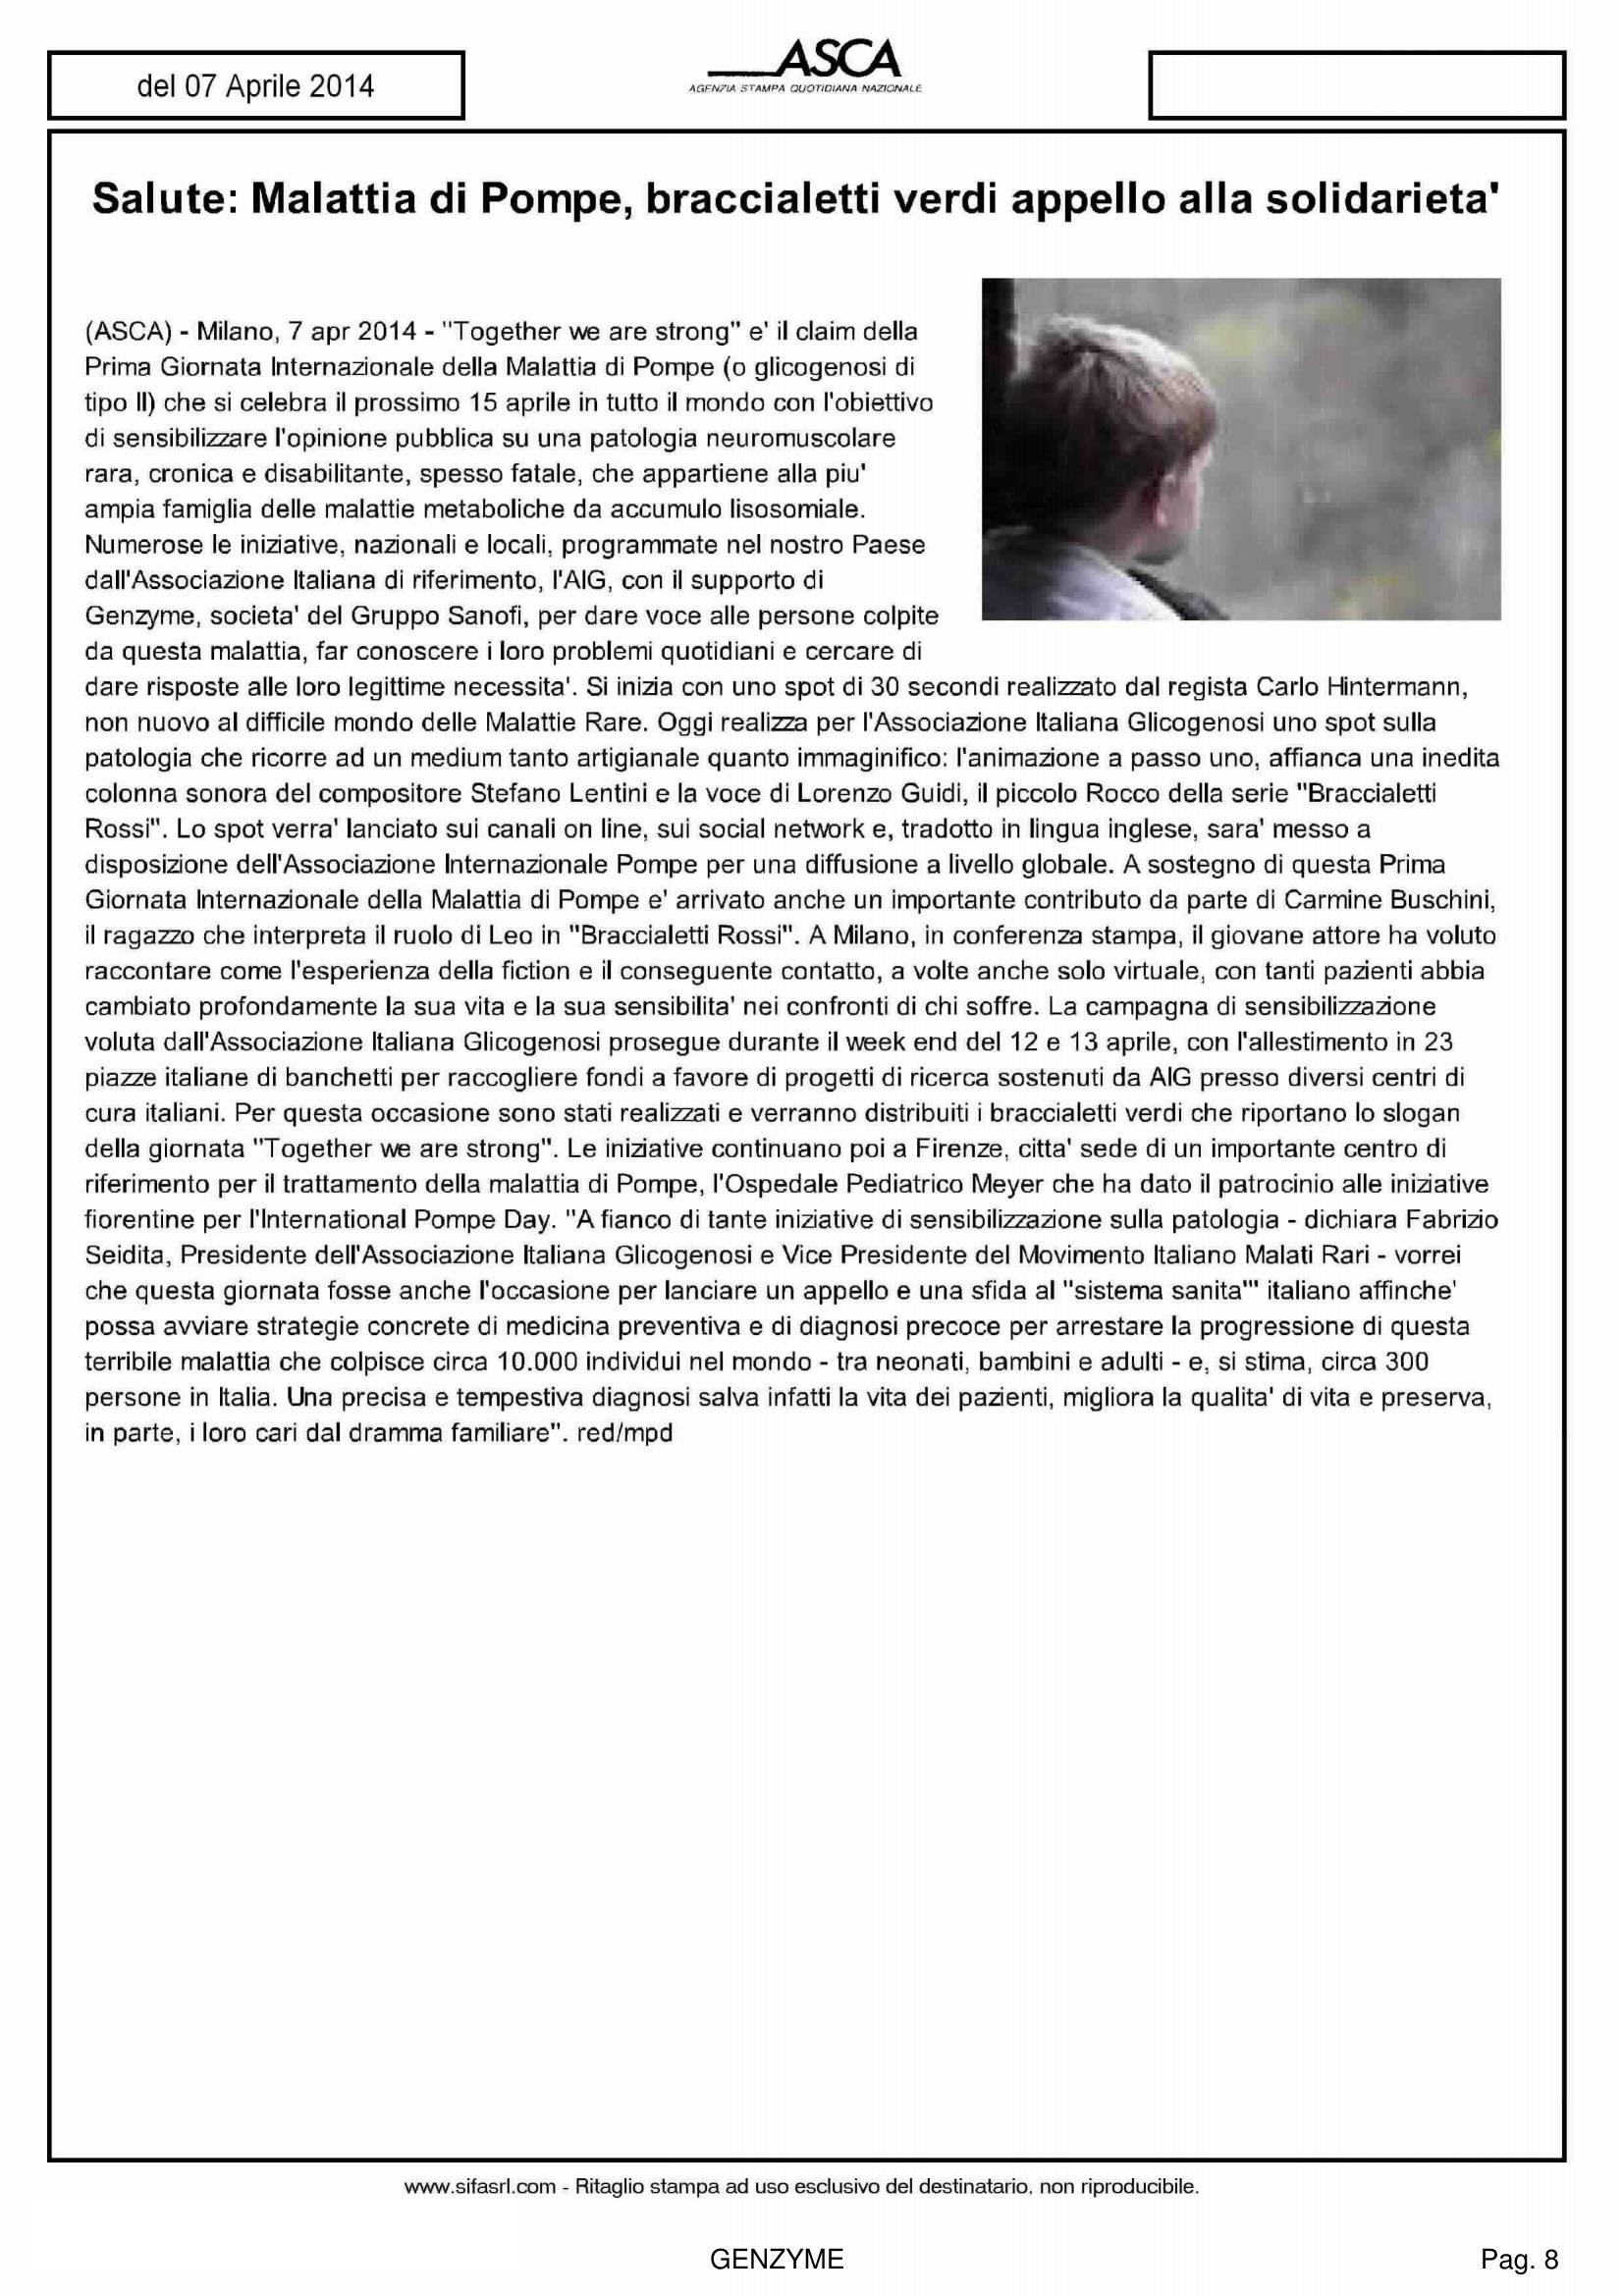 Stampa_20140425_Giornata delle malattie_rare_Page_10